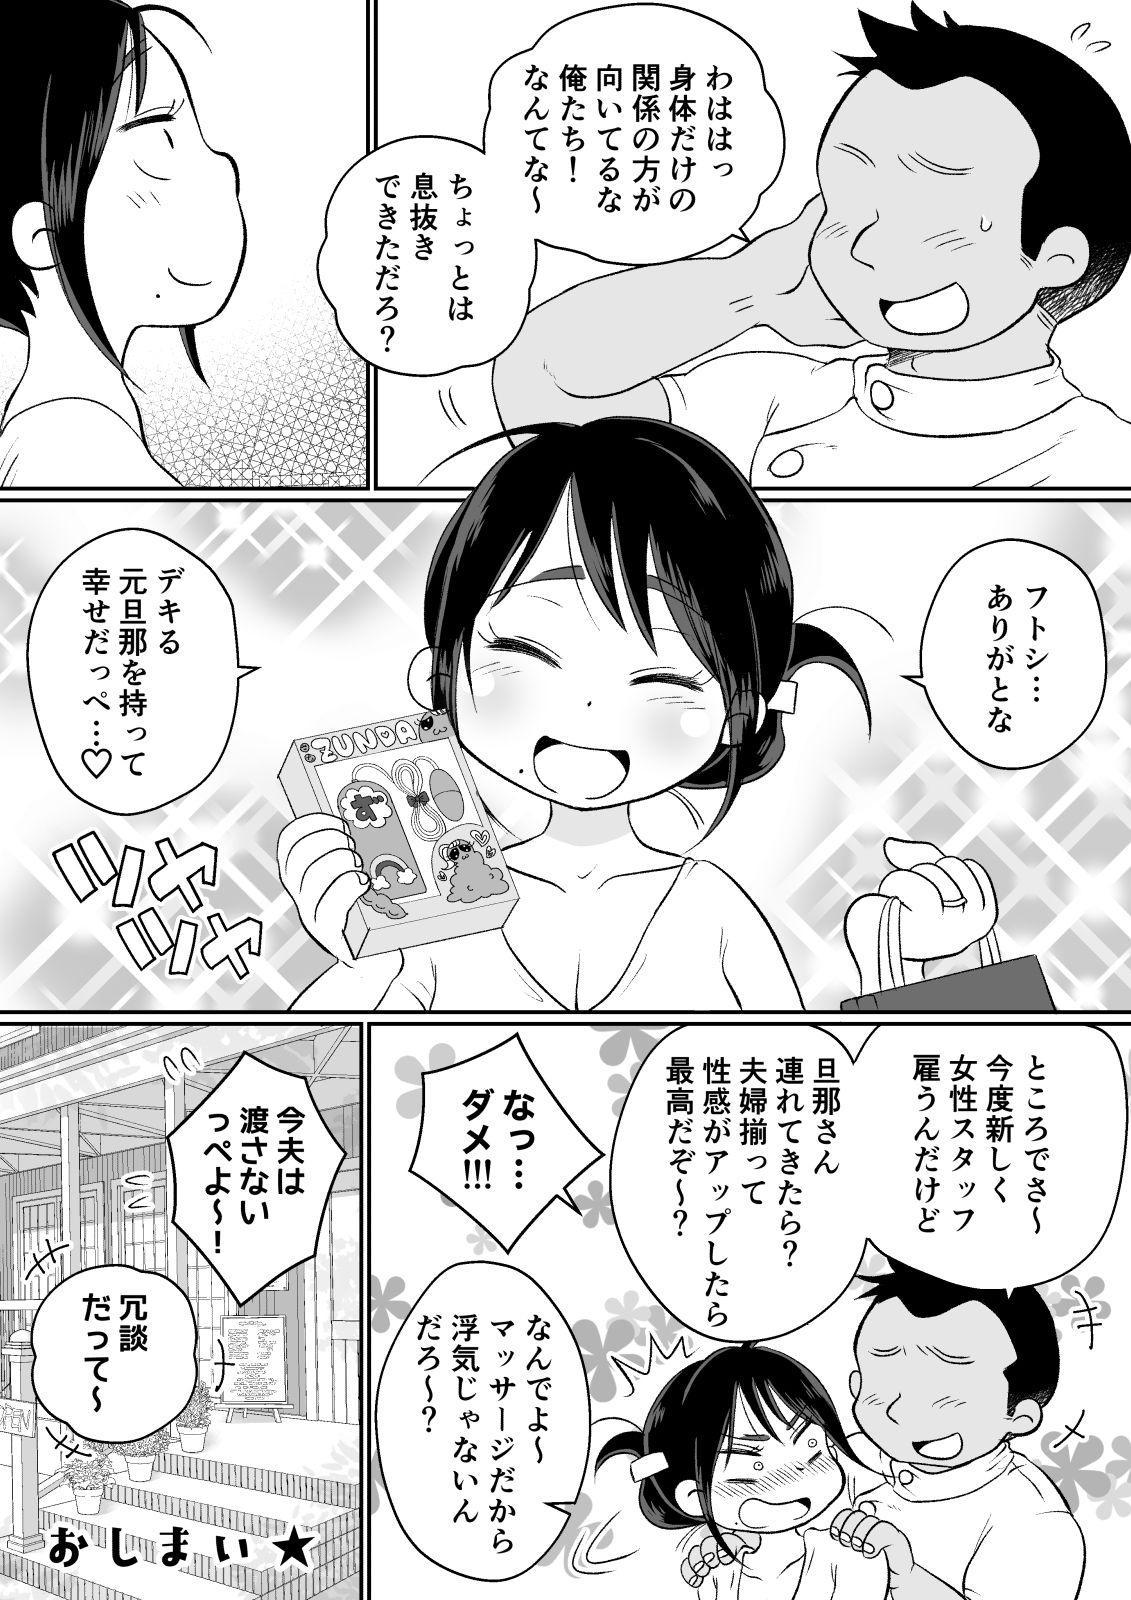 Batsuichi Hitozuma, Moto Danna no Ero Massage ni Ochiru! 74